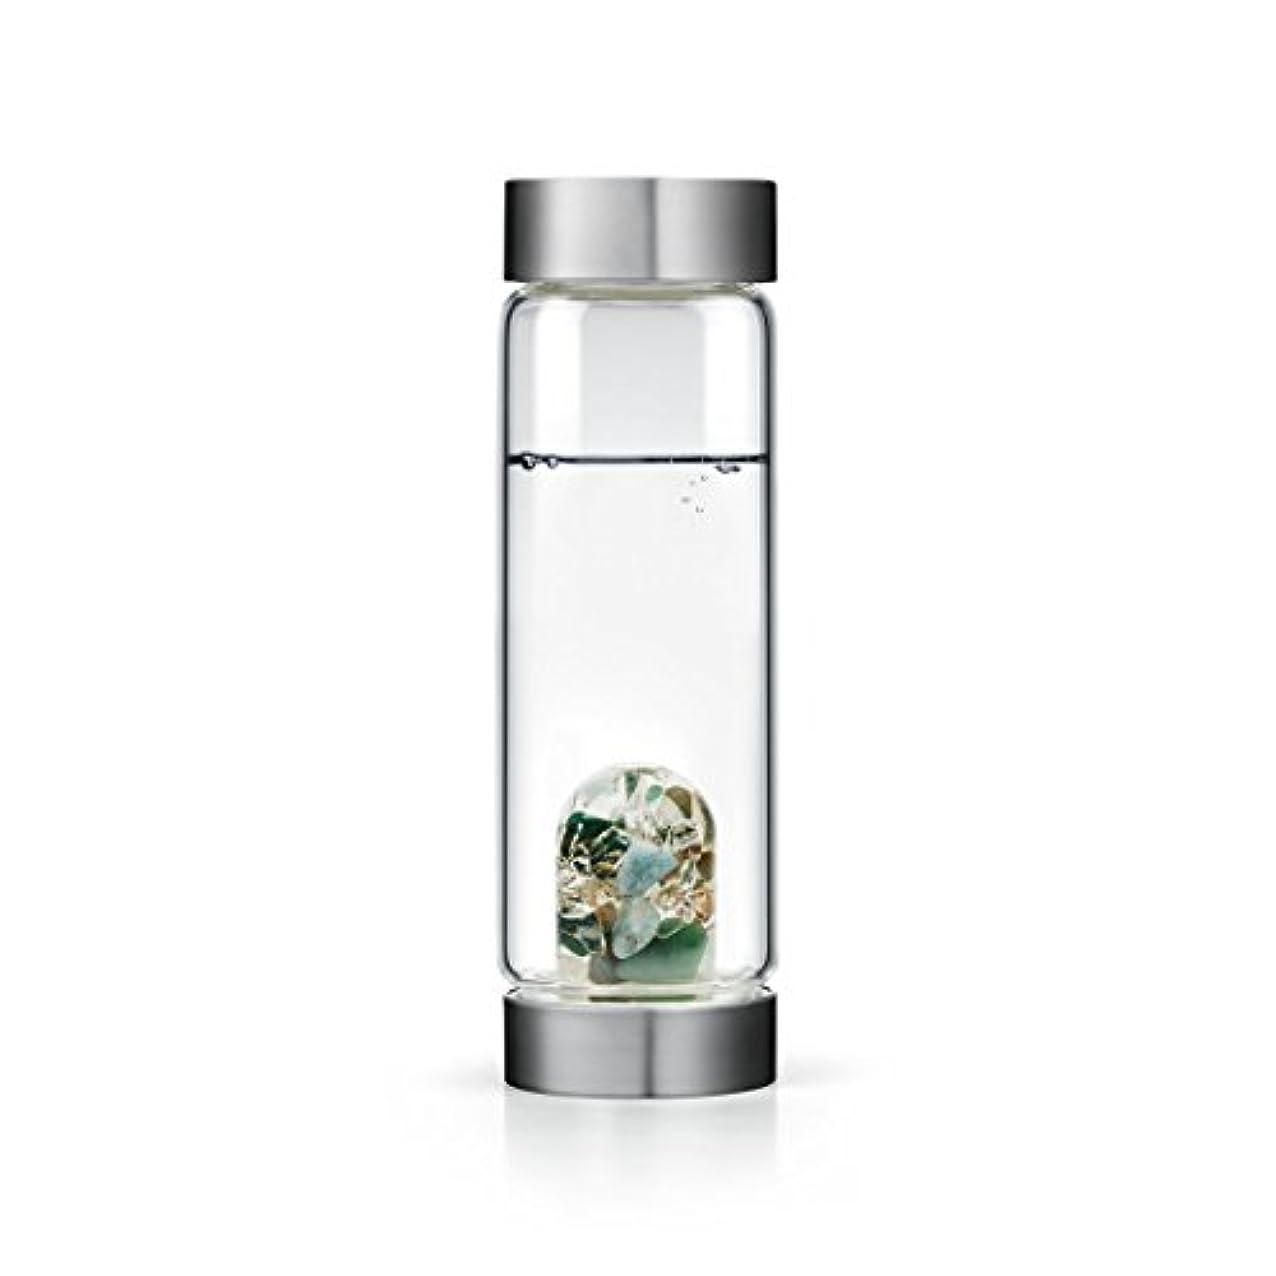 効果的まあ注釈Forever Young gem-waterボトルby VitaJuwel W / Freeカリフォルニアホワイトセージバンドル 16.9 fl oz